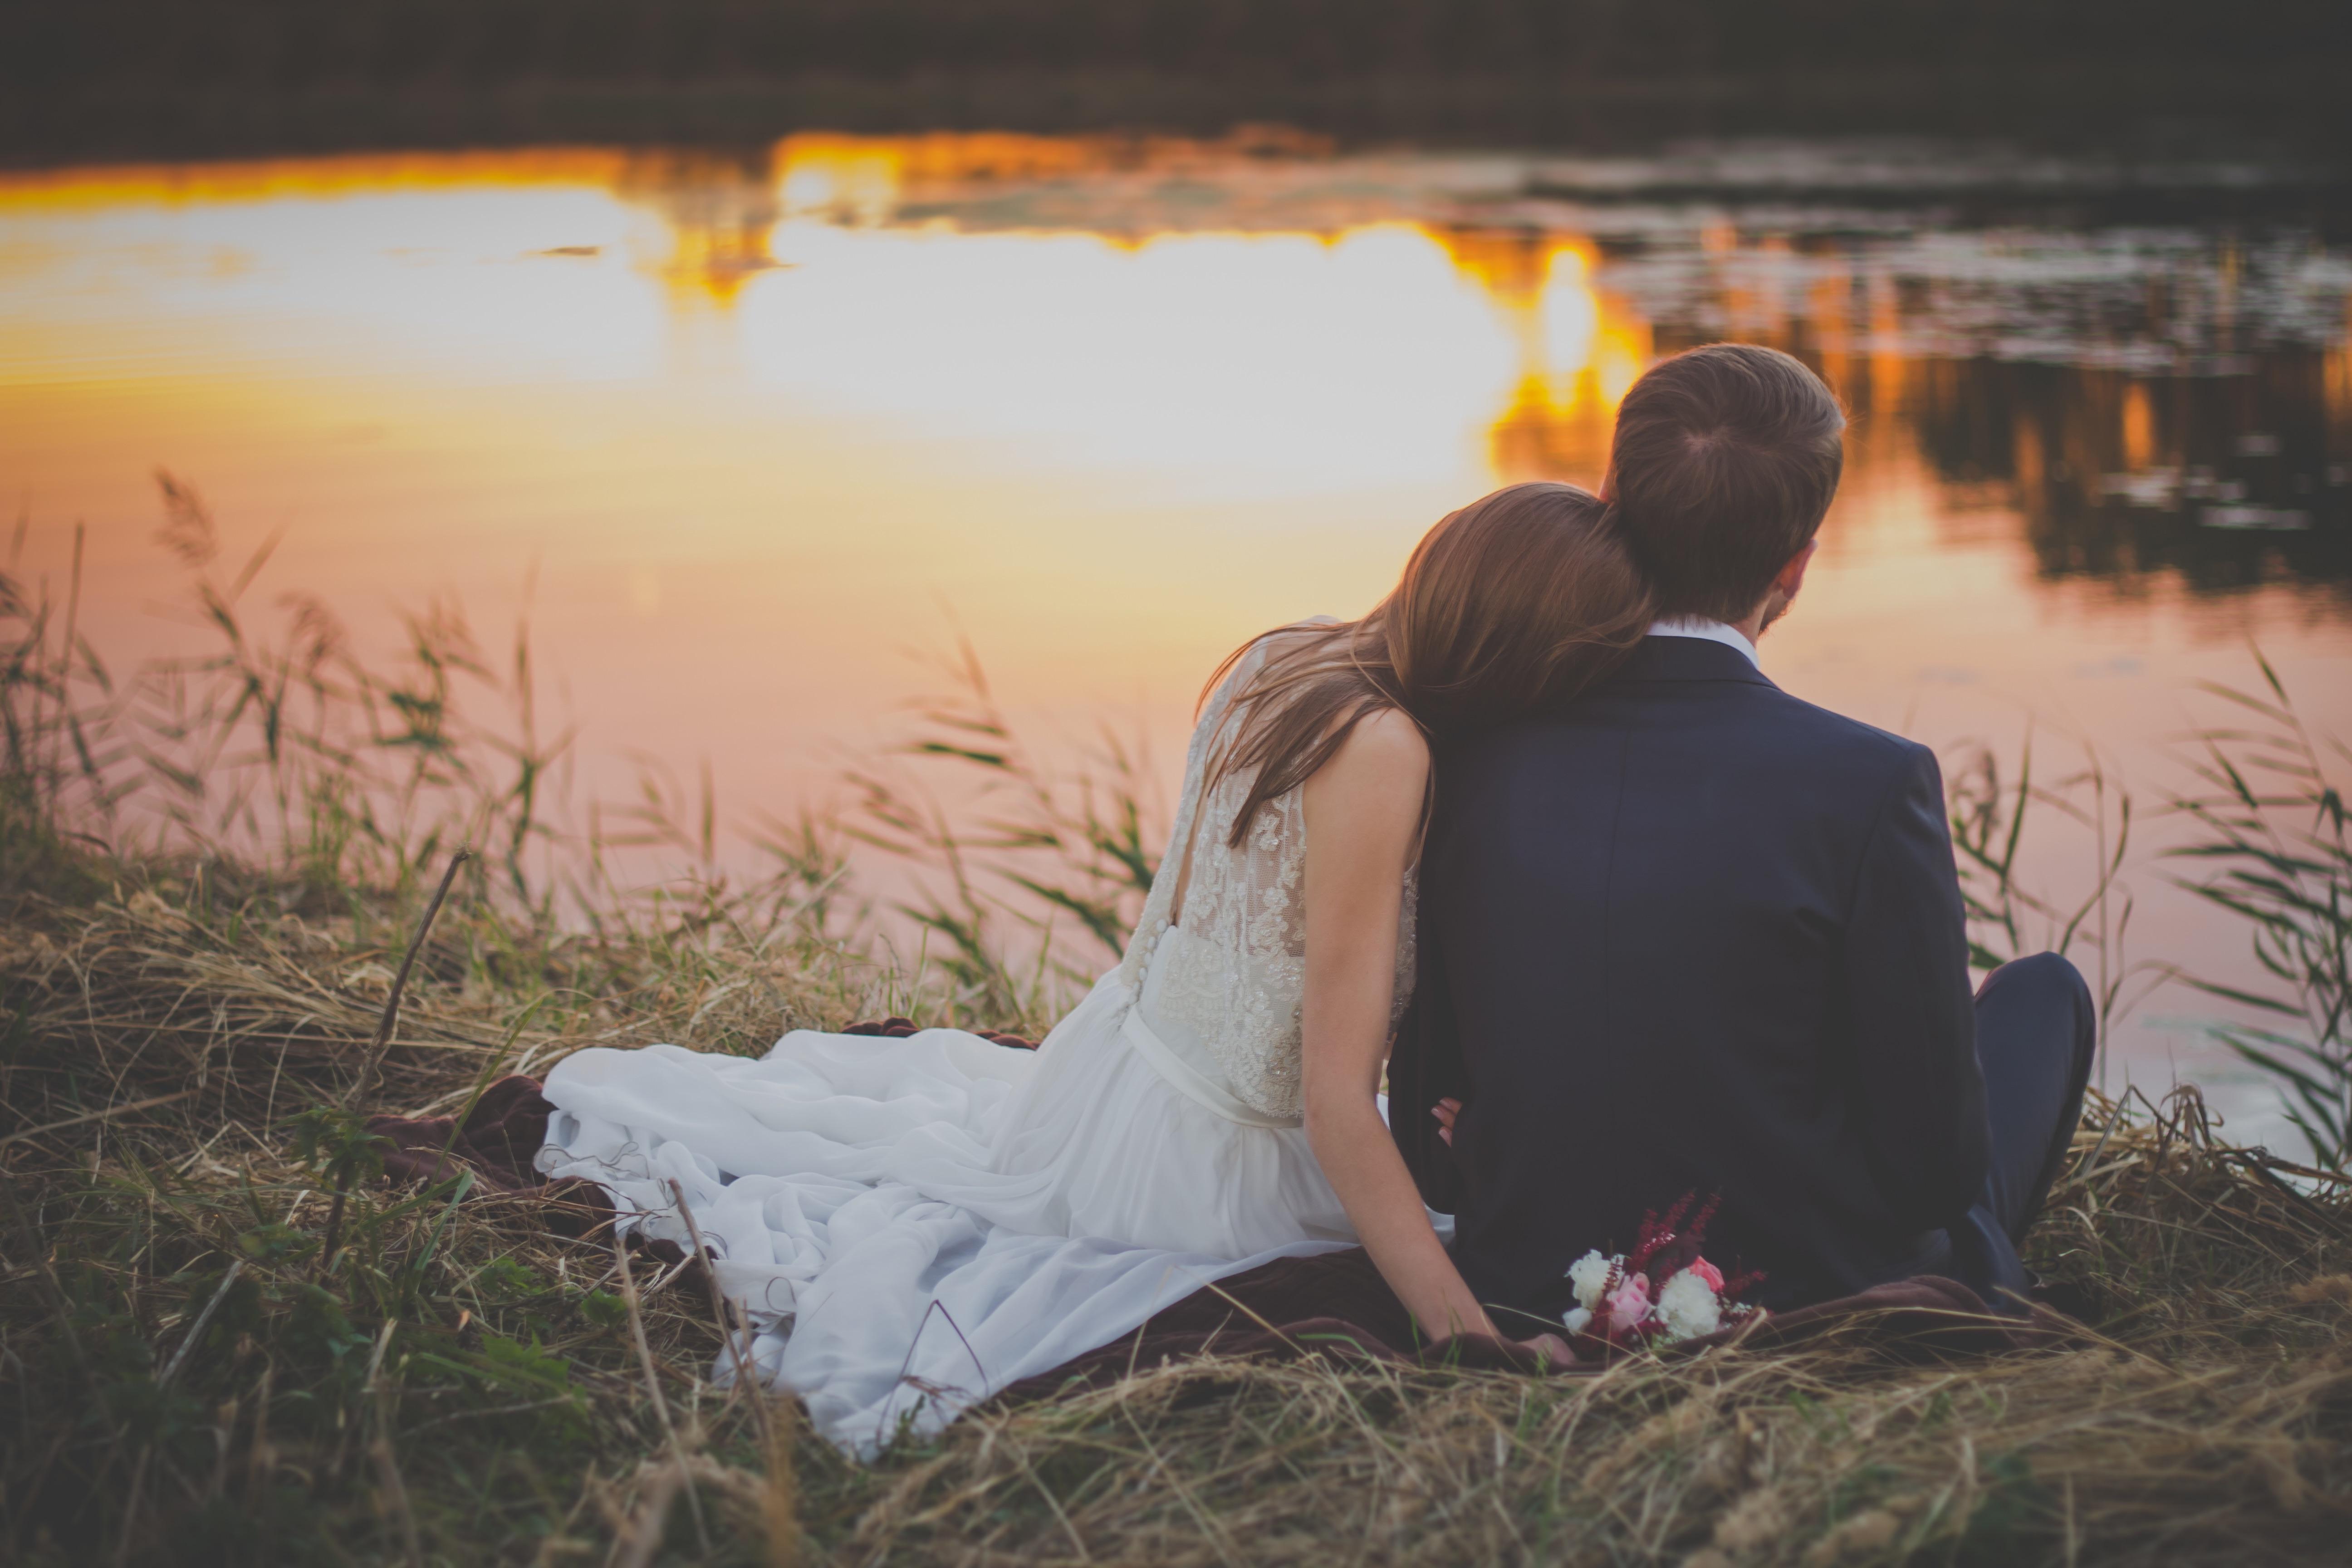 Małżeństwo wychodzi nam na zdrowie